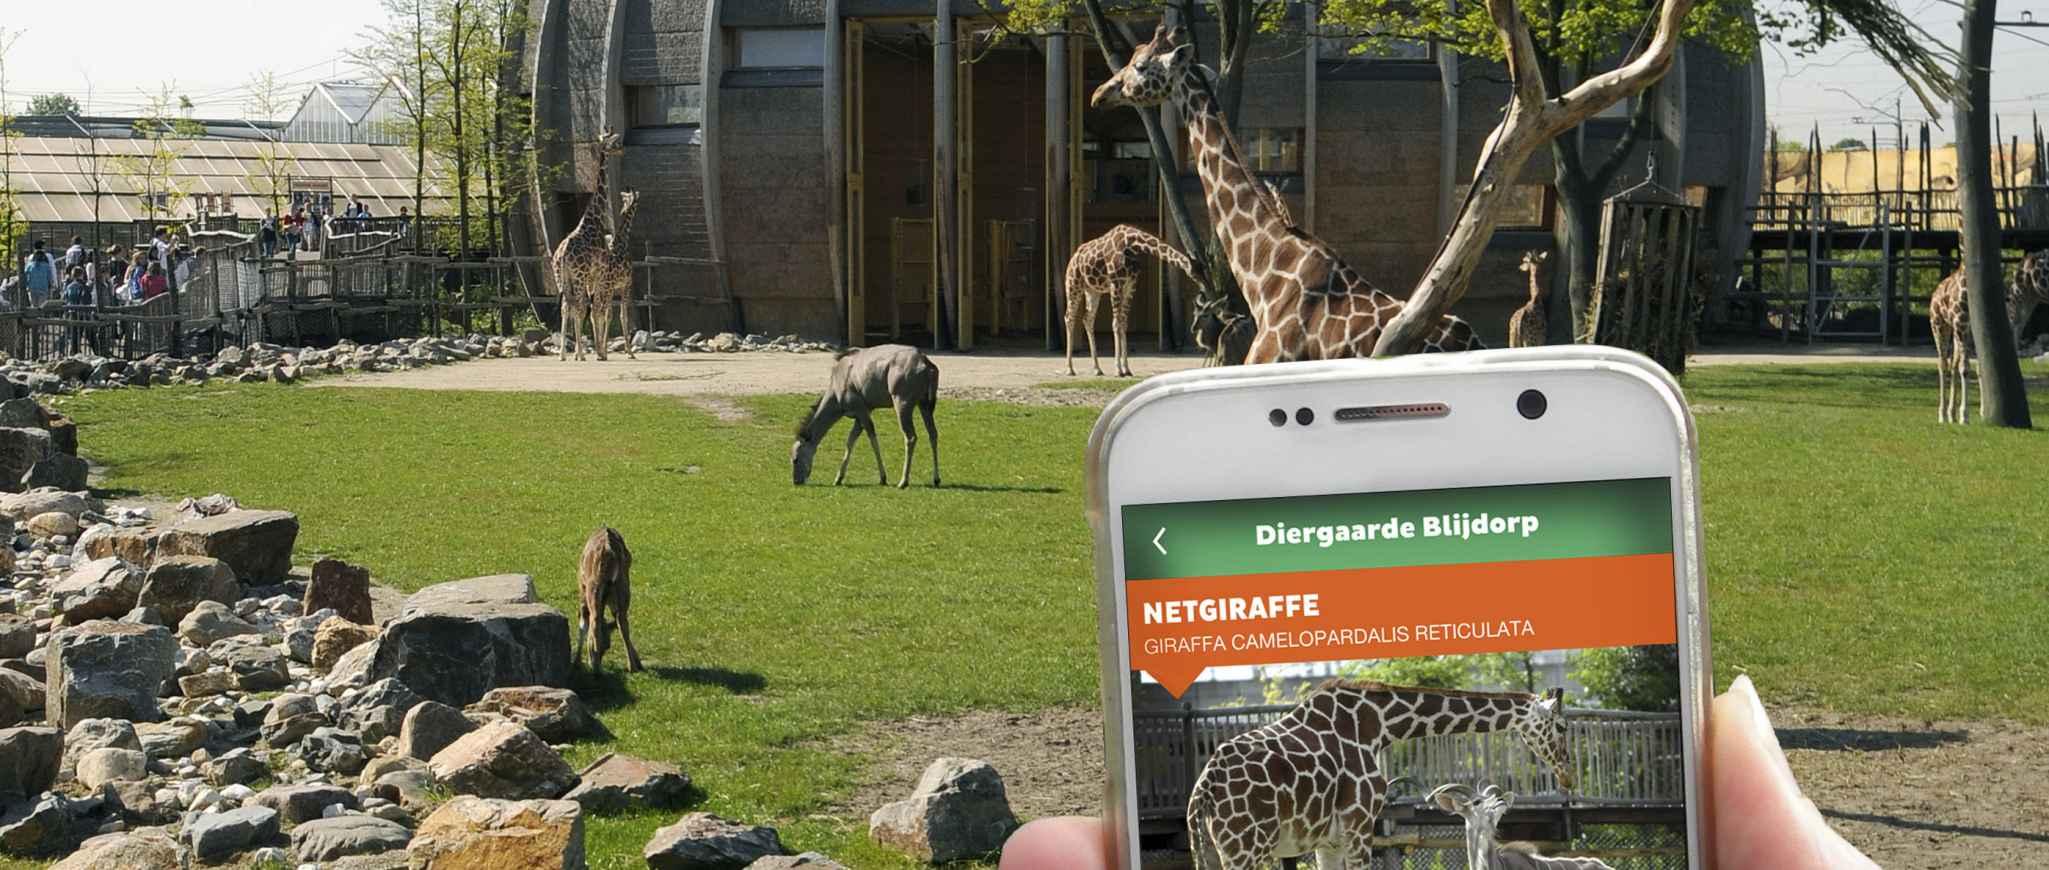 dierentuin rotterdam blijdorp openingstijden